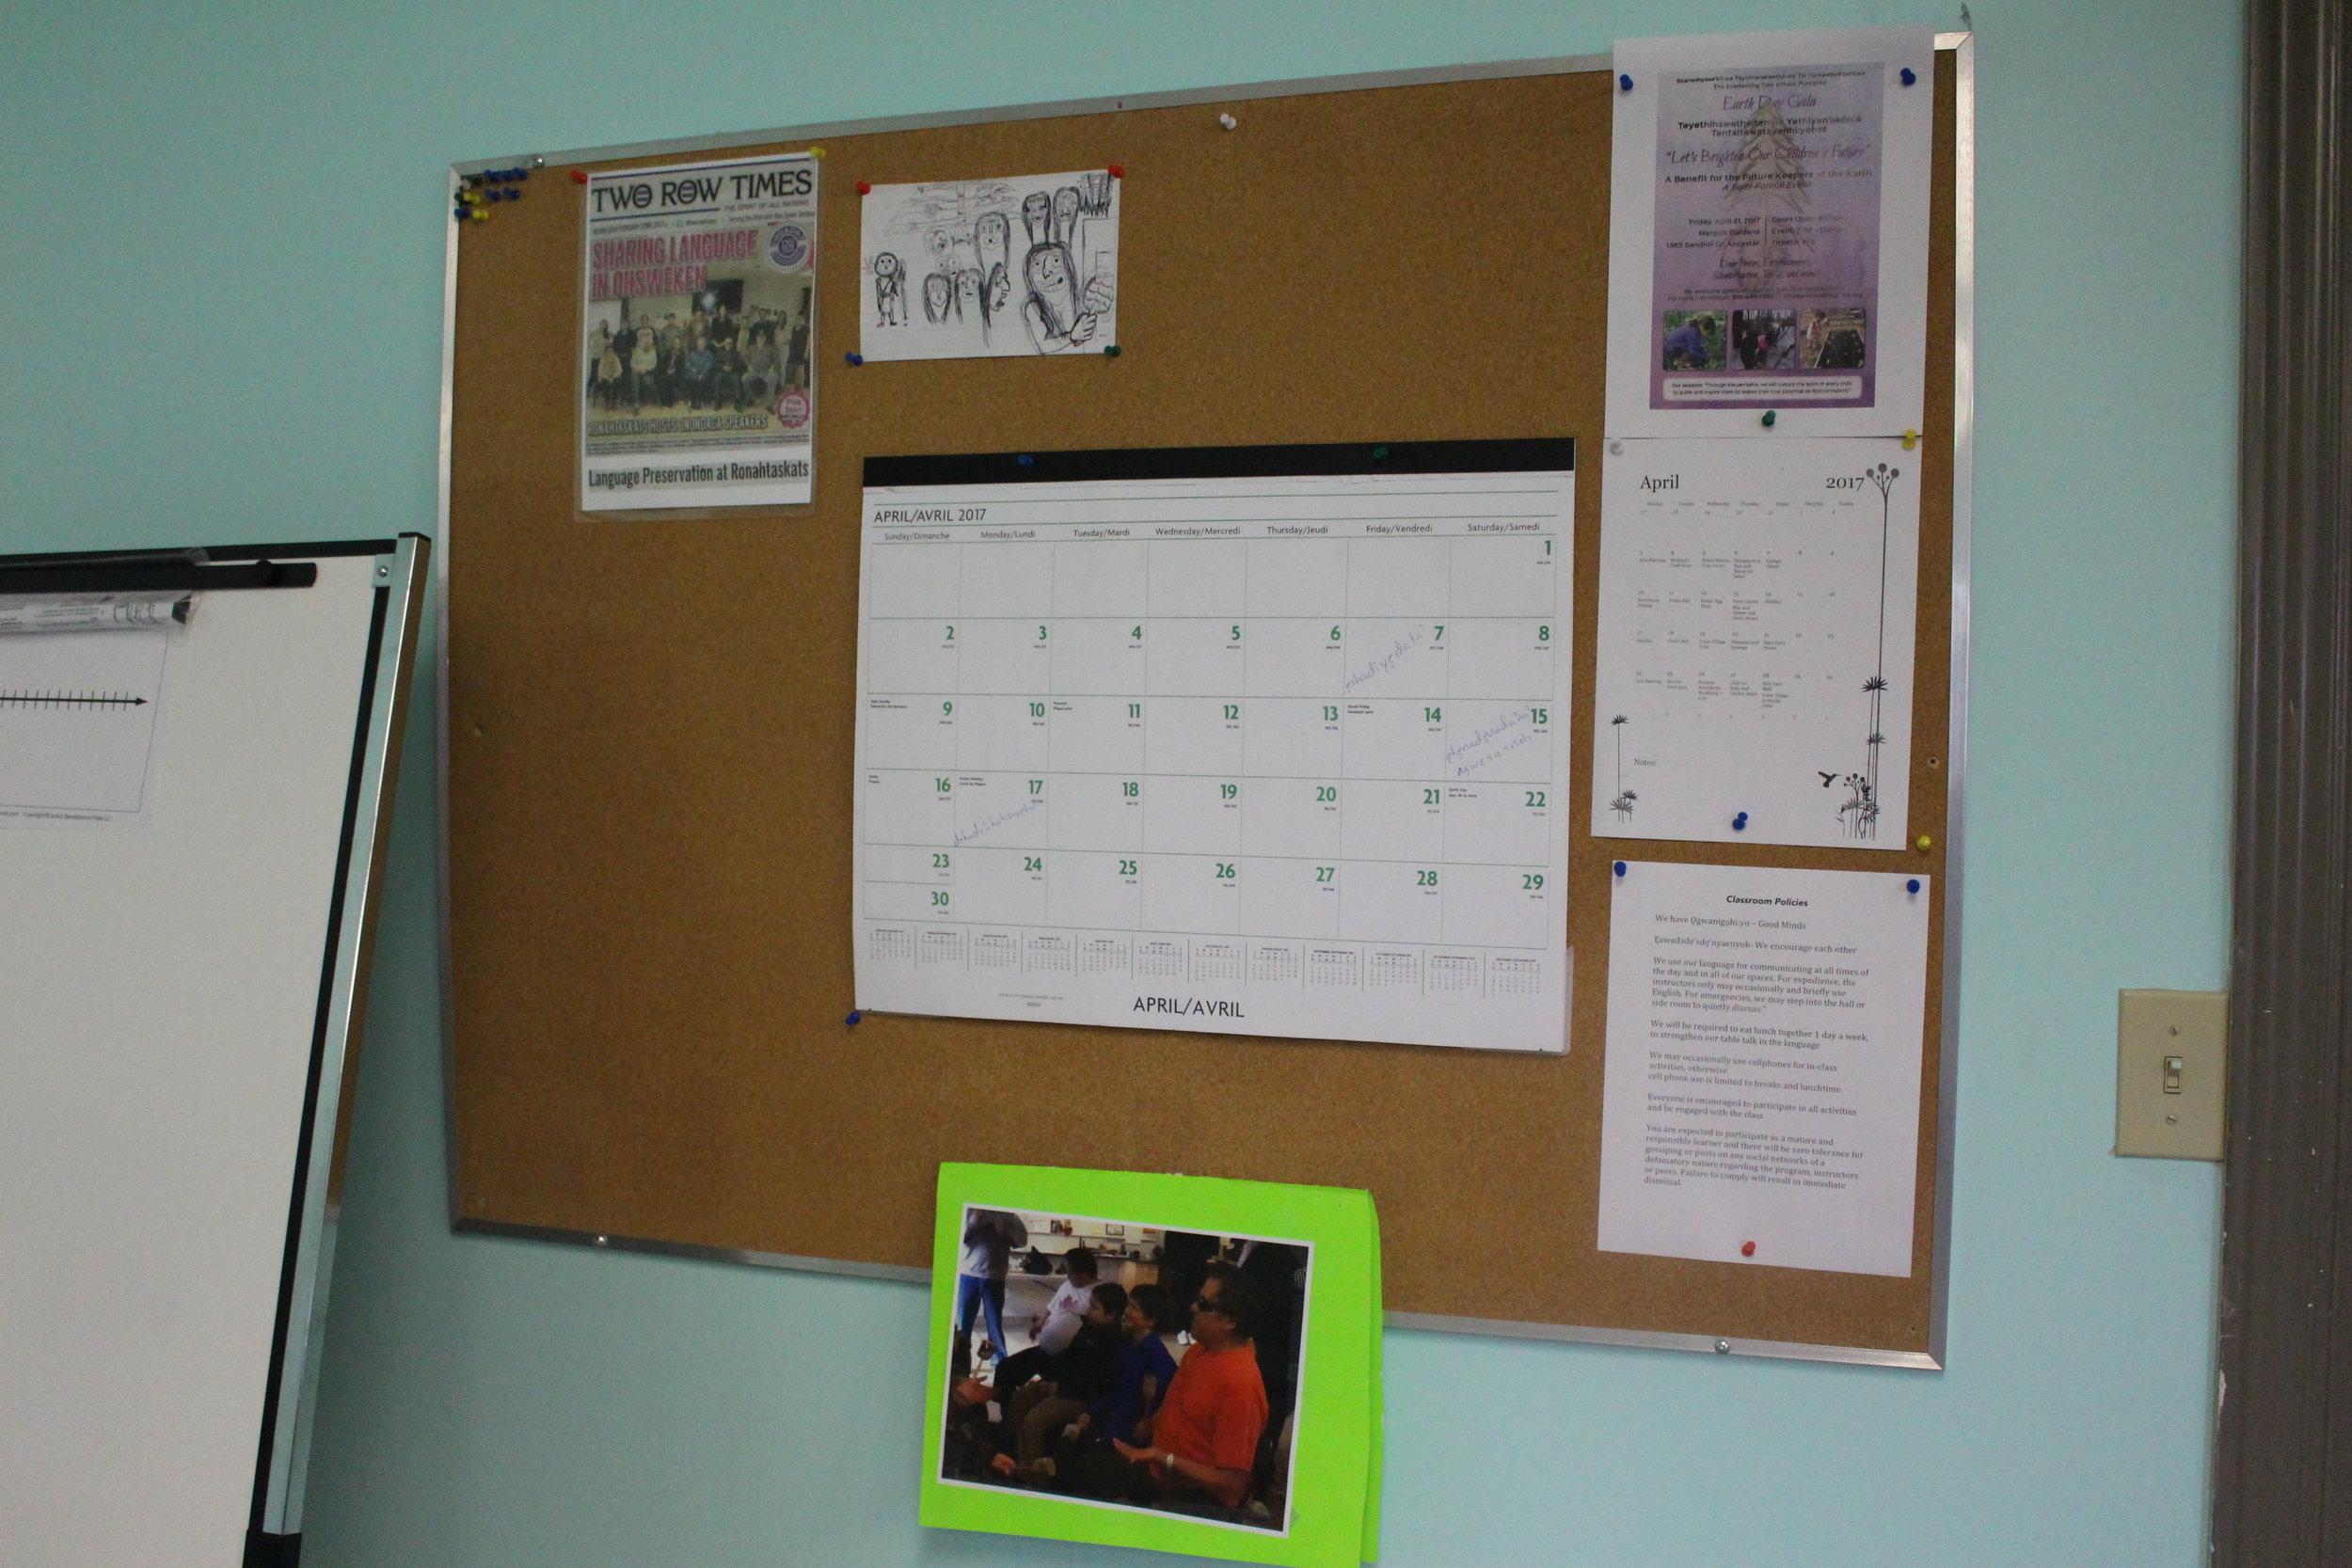 Our community outreach calendar.